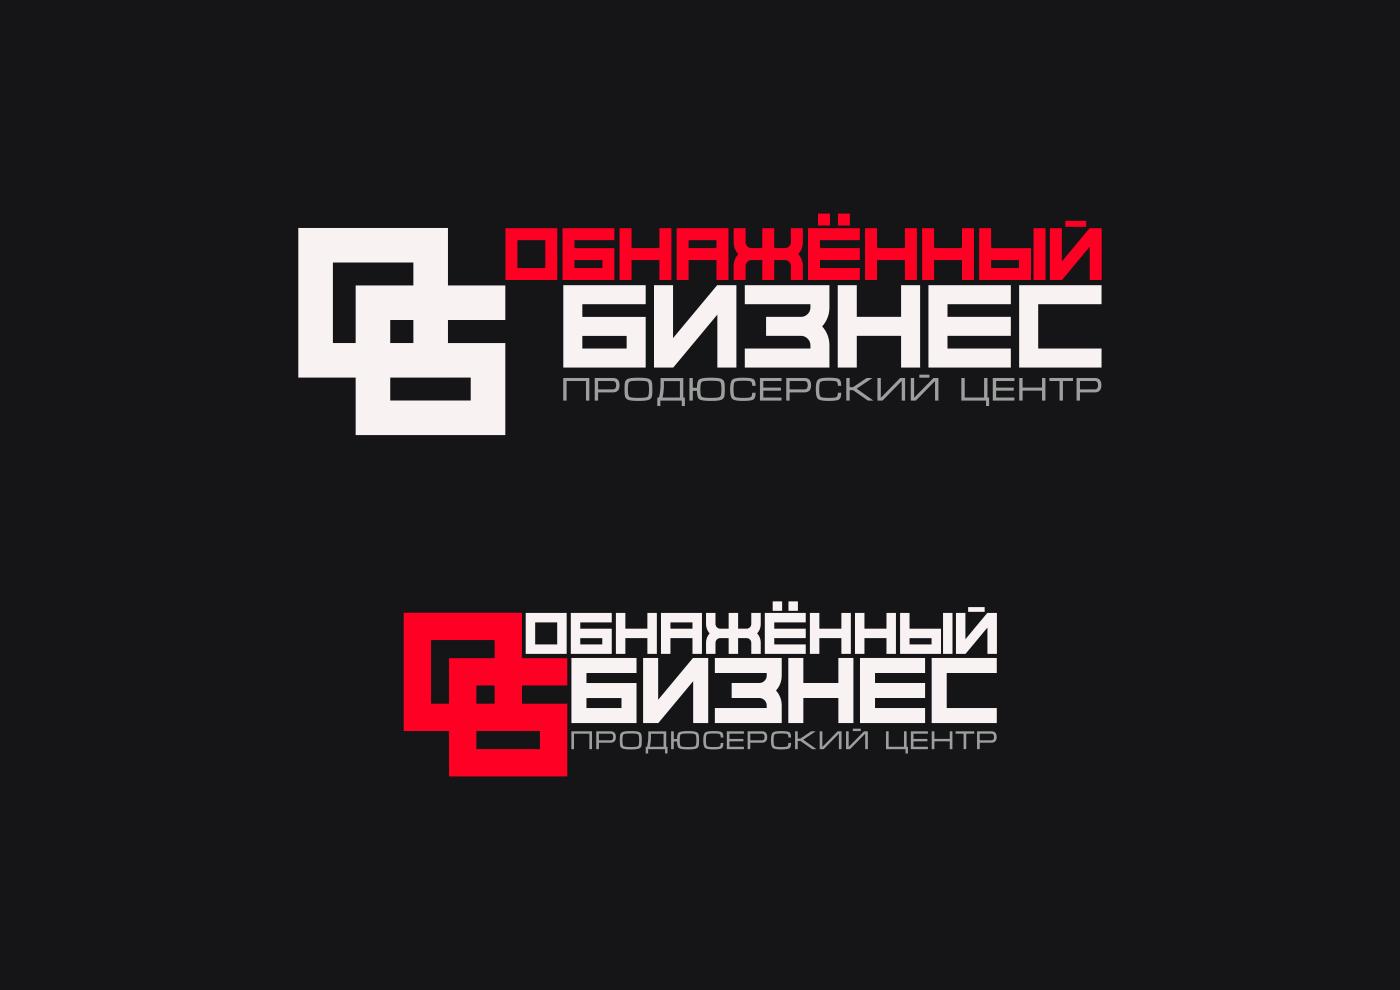 """Логотип для продюсерского центра """"Обнажённый бизнес"""" фото f_9065ba0da58df9b1.png"""